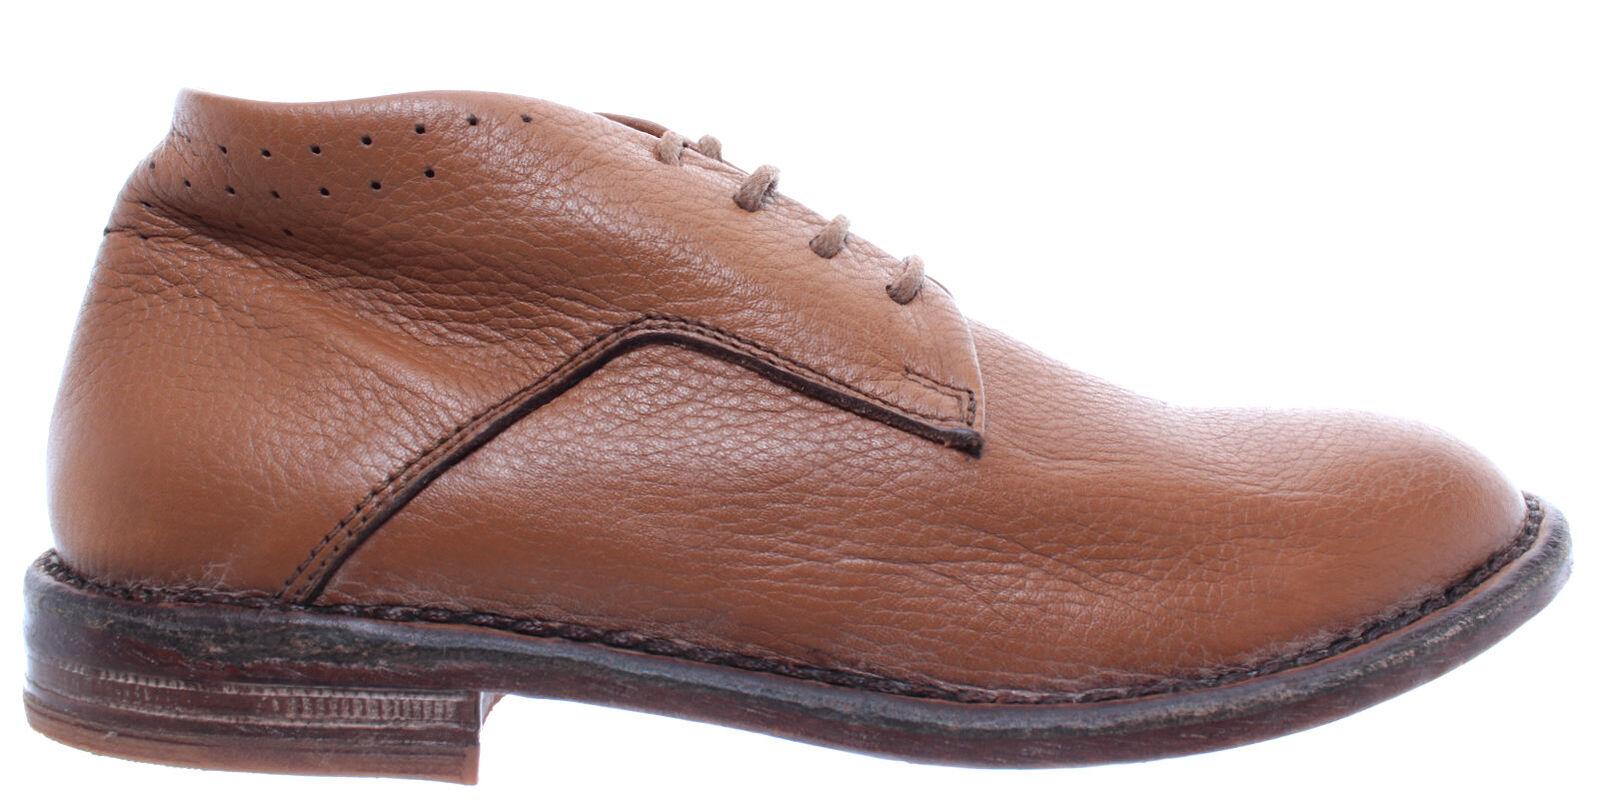 MOMA Chaussures Femmes Bottines 35802-y1 Marron clair Cuir Nouveau